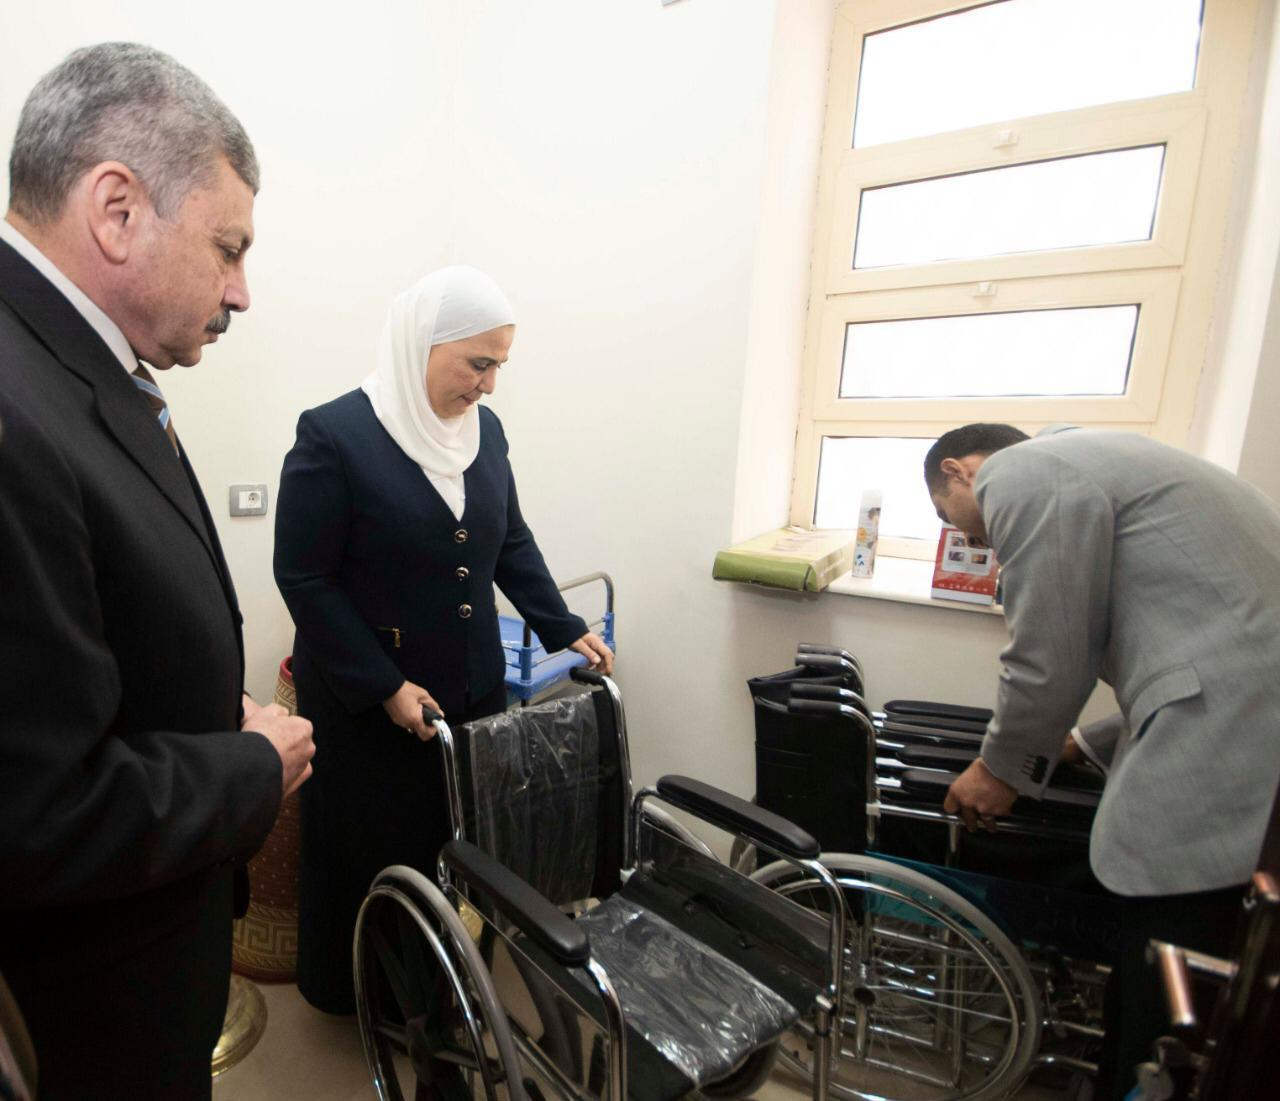 زيارة وزيرة التضامن للمقر الخدمي للمجلس القومي لرعاية أسر الشهداء والمصابين (2)